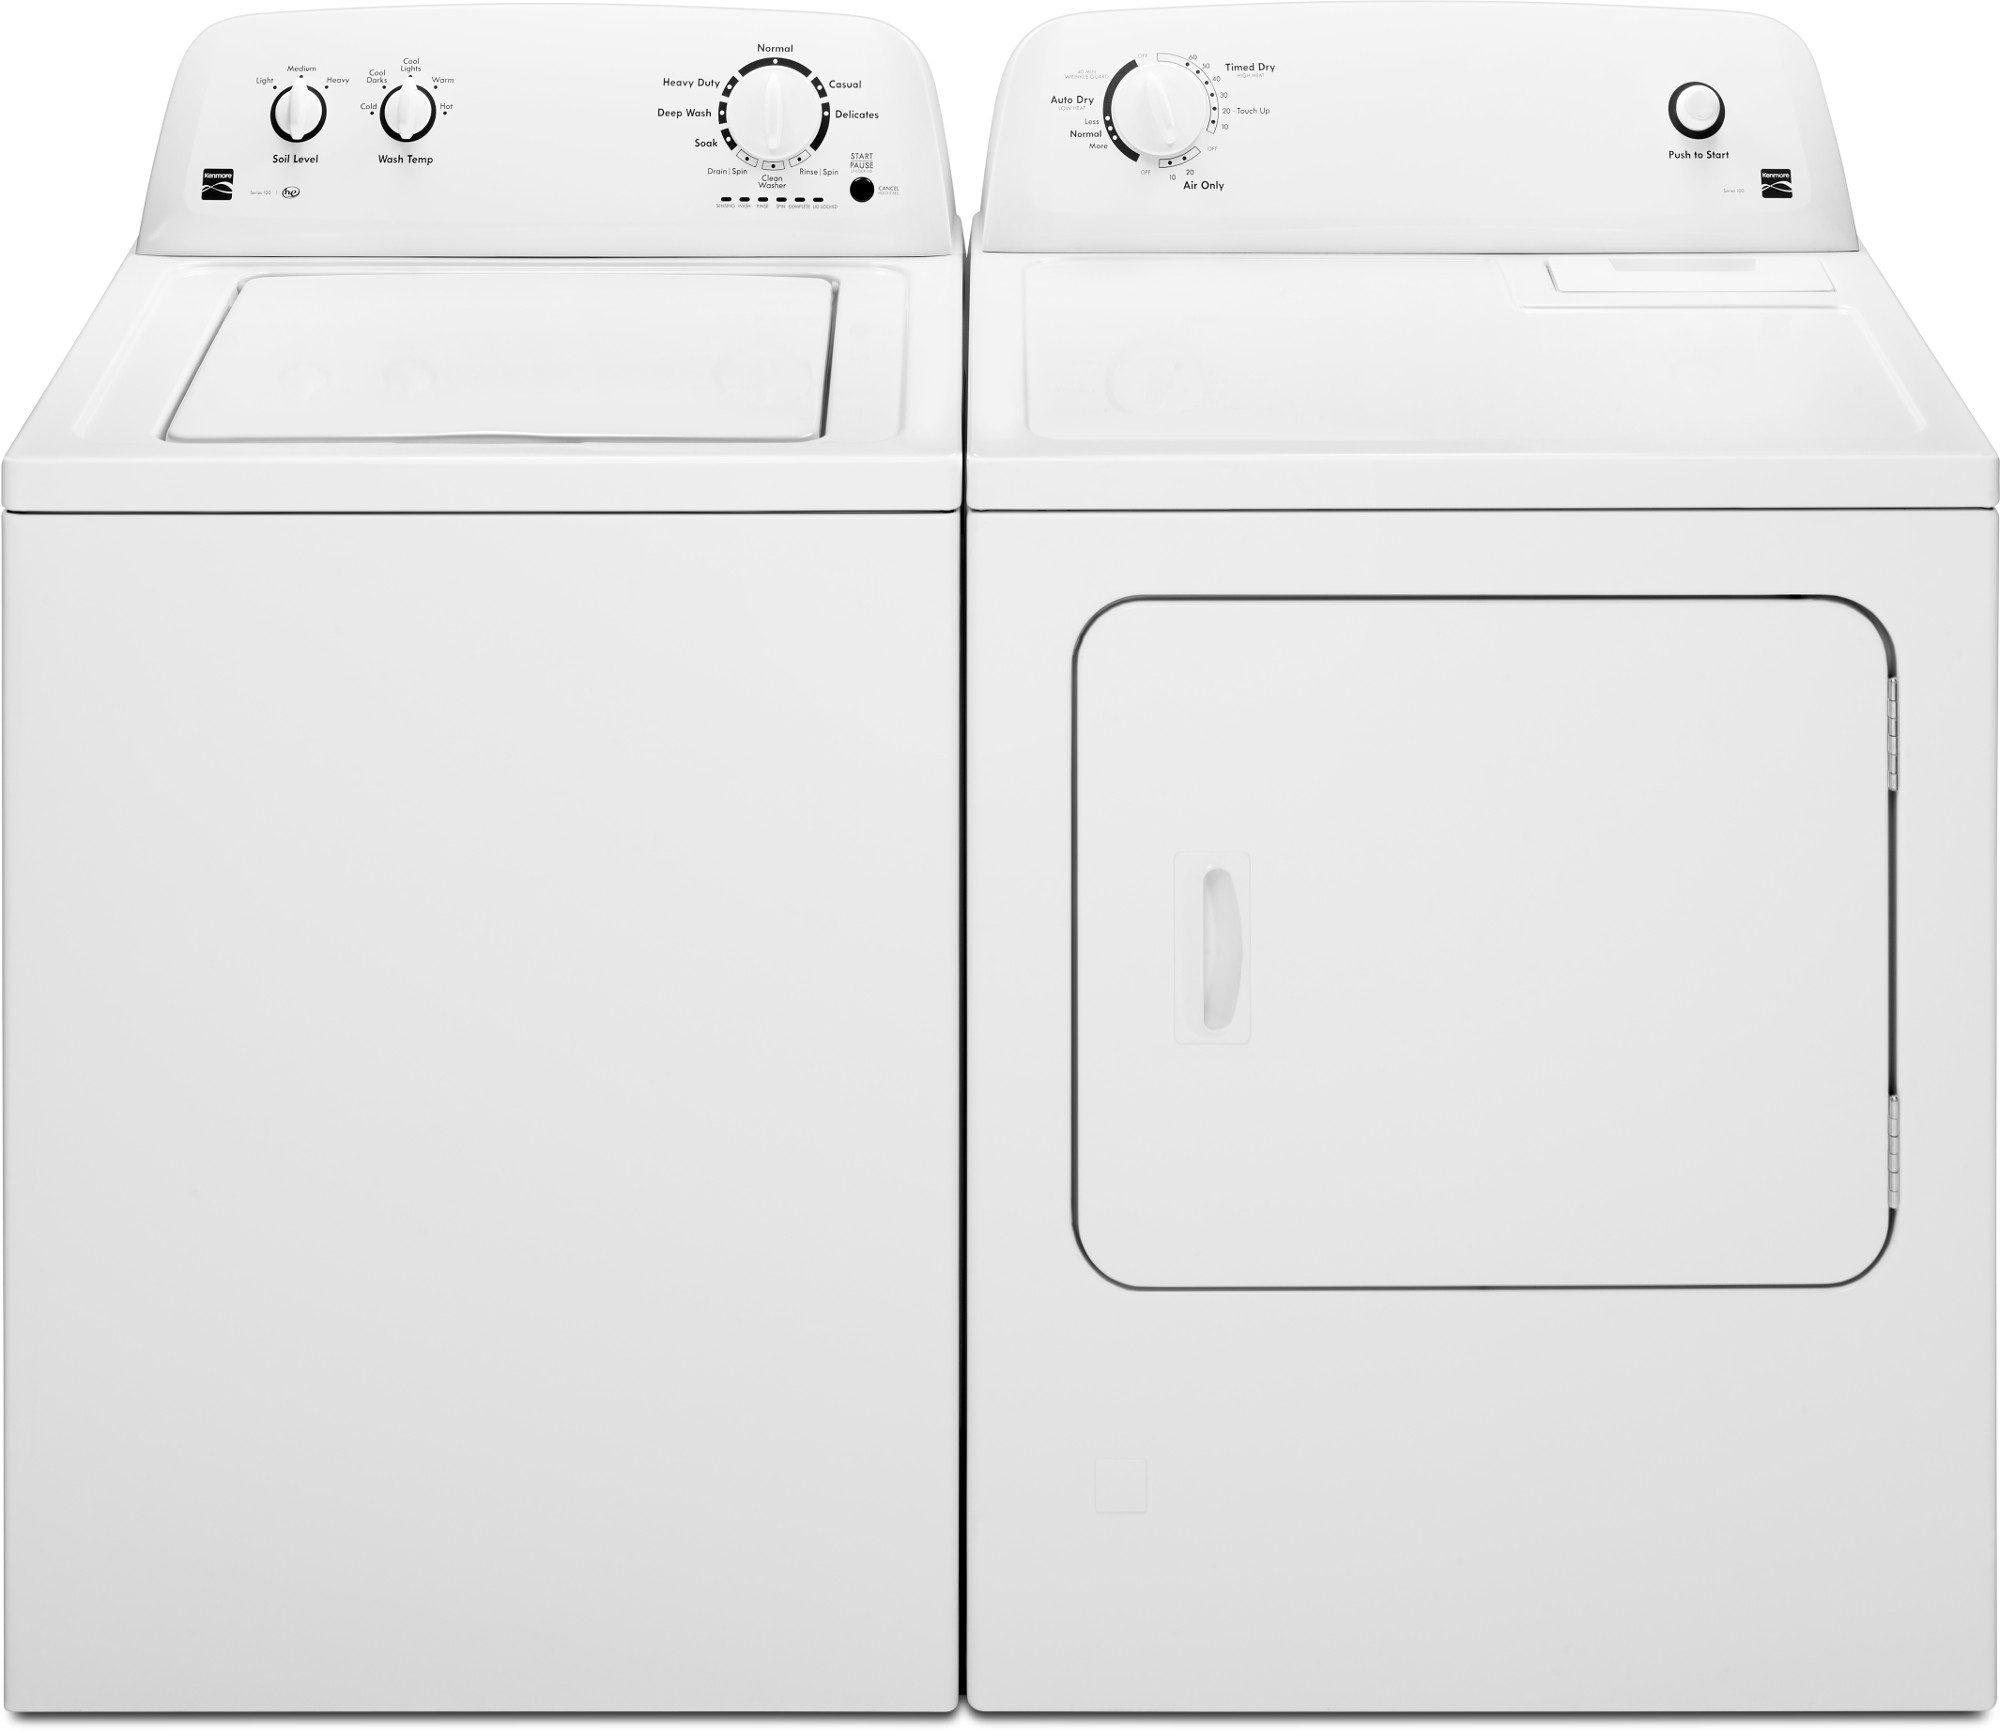 3.3 cu. ft. Top Load Washer & 6.5 cu. ft. Dryer Bundle - White